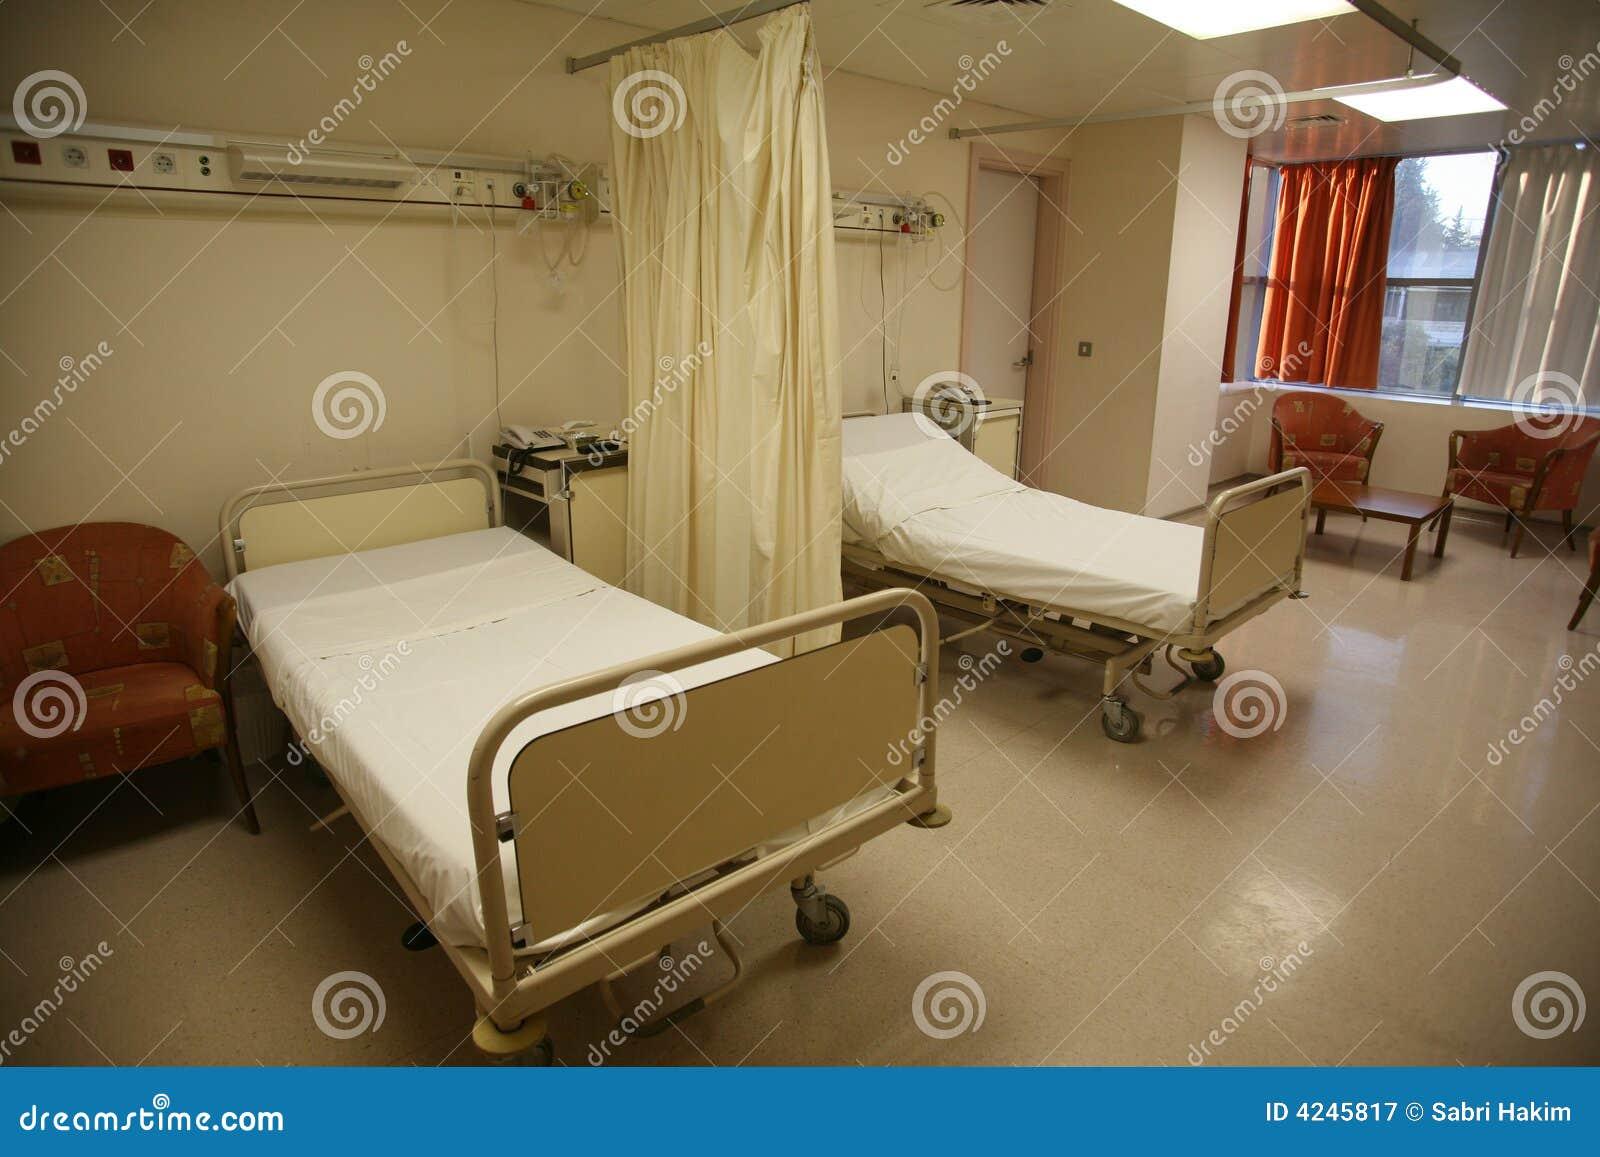 Camera da letto del letto di ospedale immagine stock immagine 4245817 - Camera da letto del papa ...